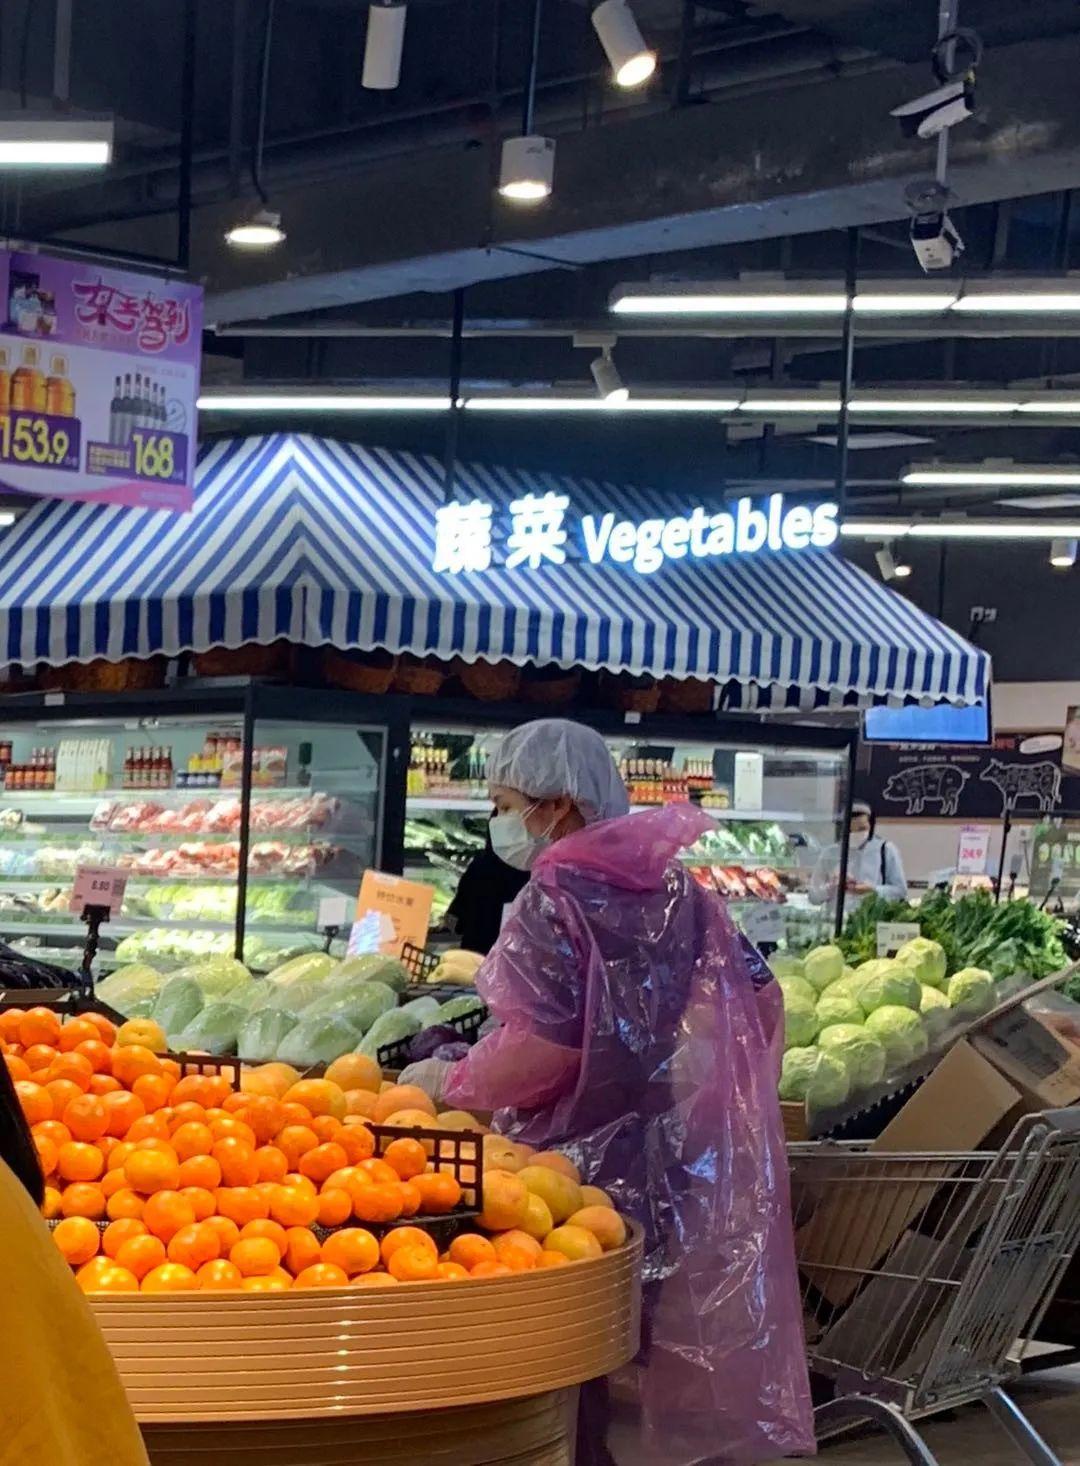 疫情期间,大力保障阳江生活必需品市场供应!阳江11家大型超市坚持营业